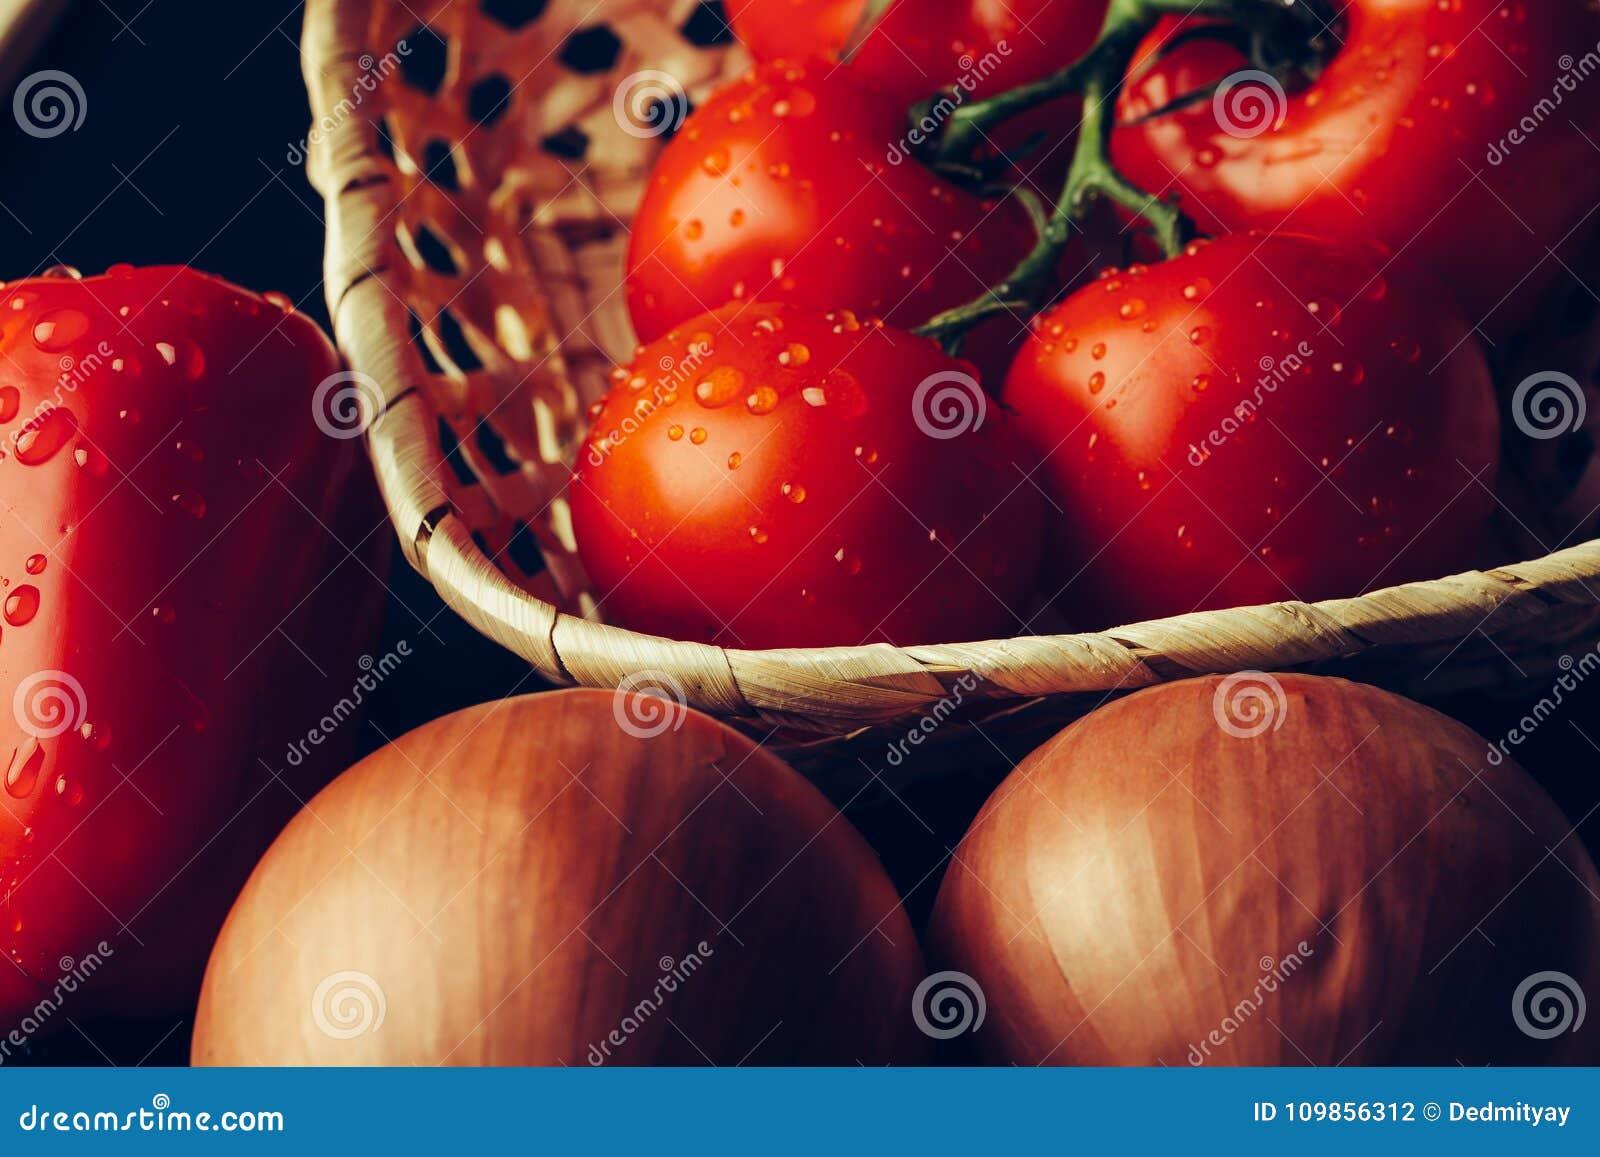 Nya våta tomater i droppar av vatten, guld- lök, spansk peppar på mörk bakgrund